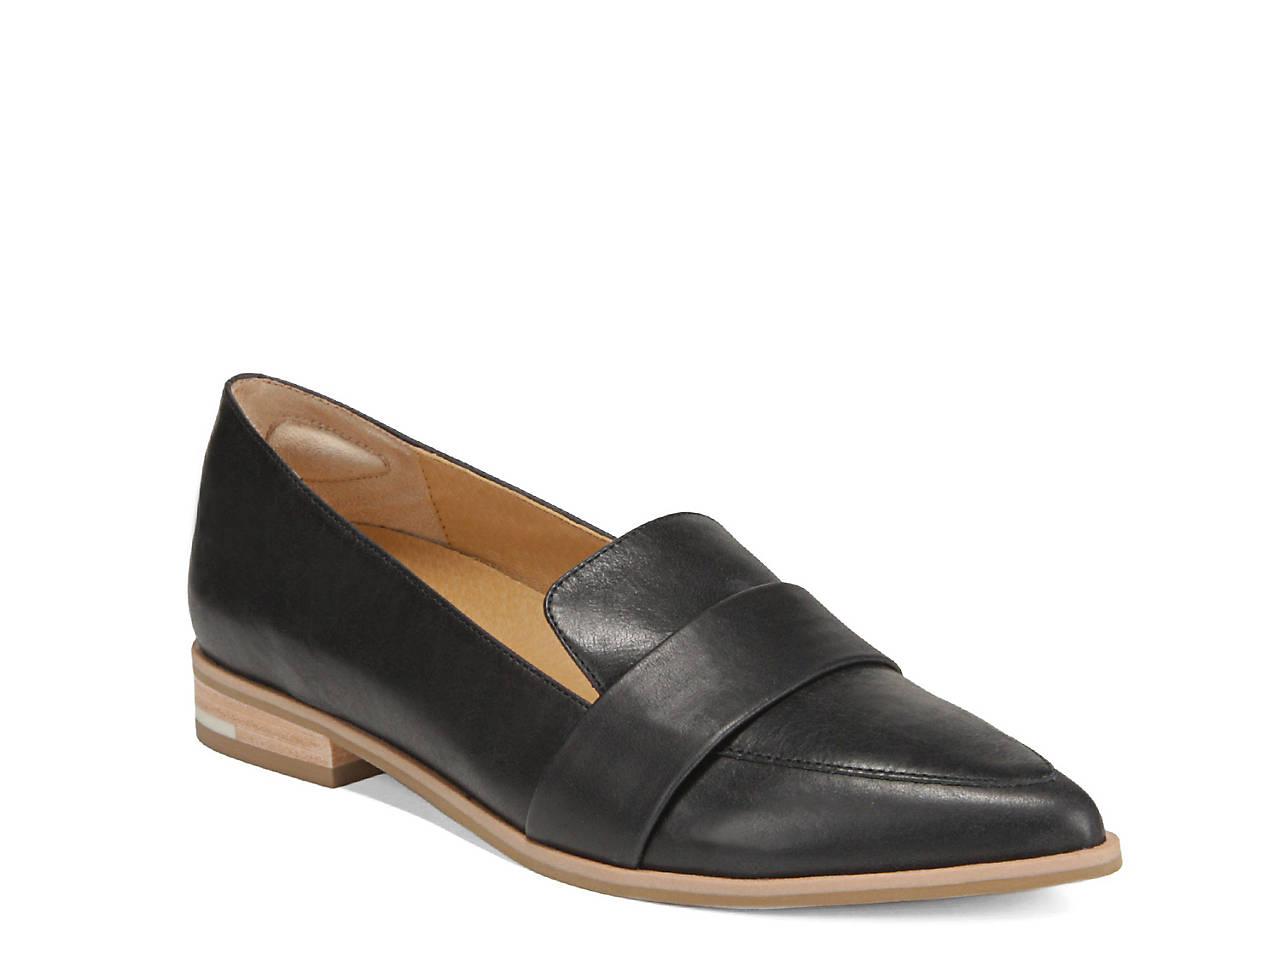 6d68628b9fd Dr. Scholl s Faxon Loafer Women s Shoes